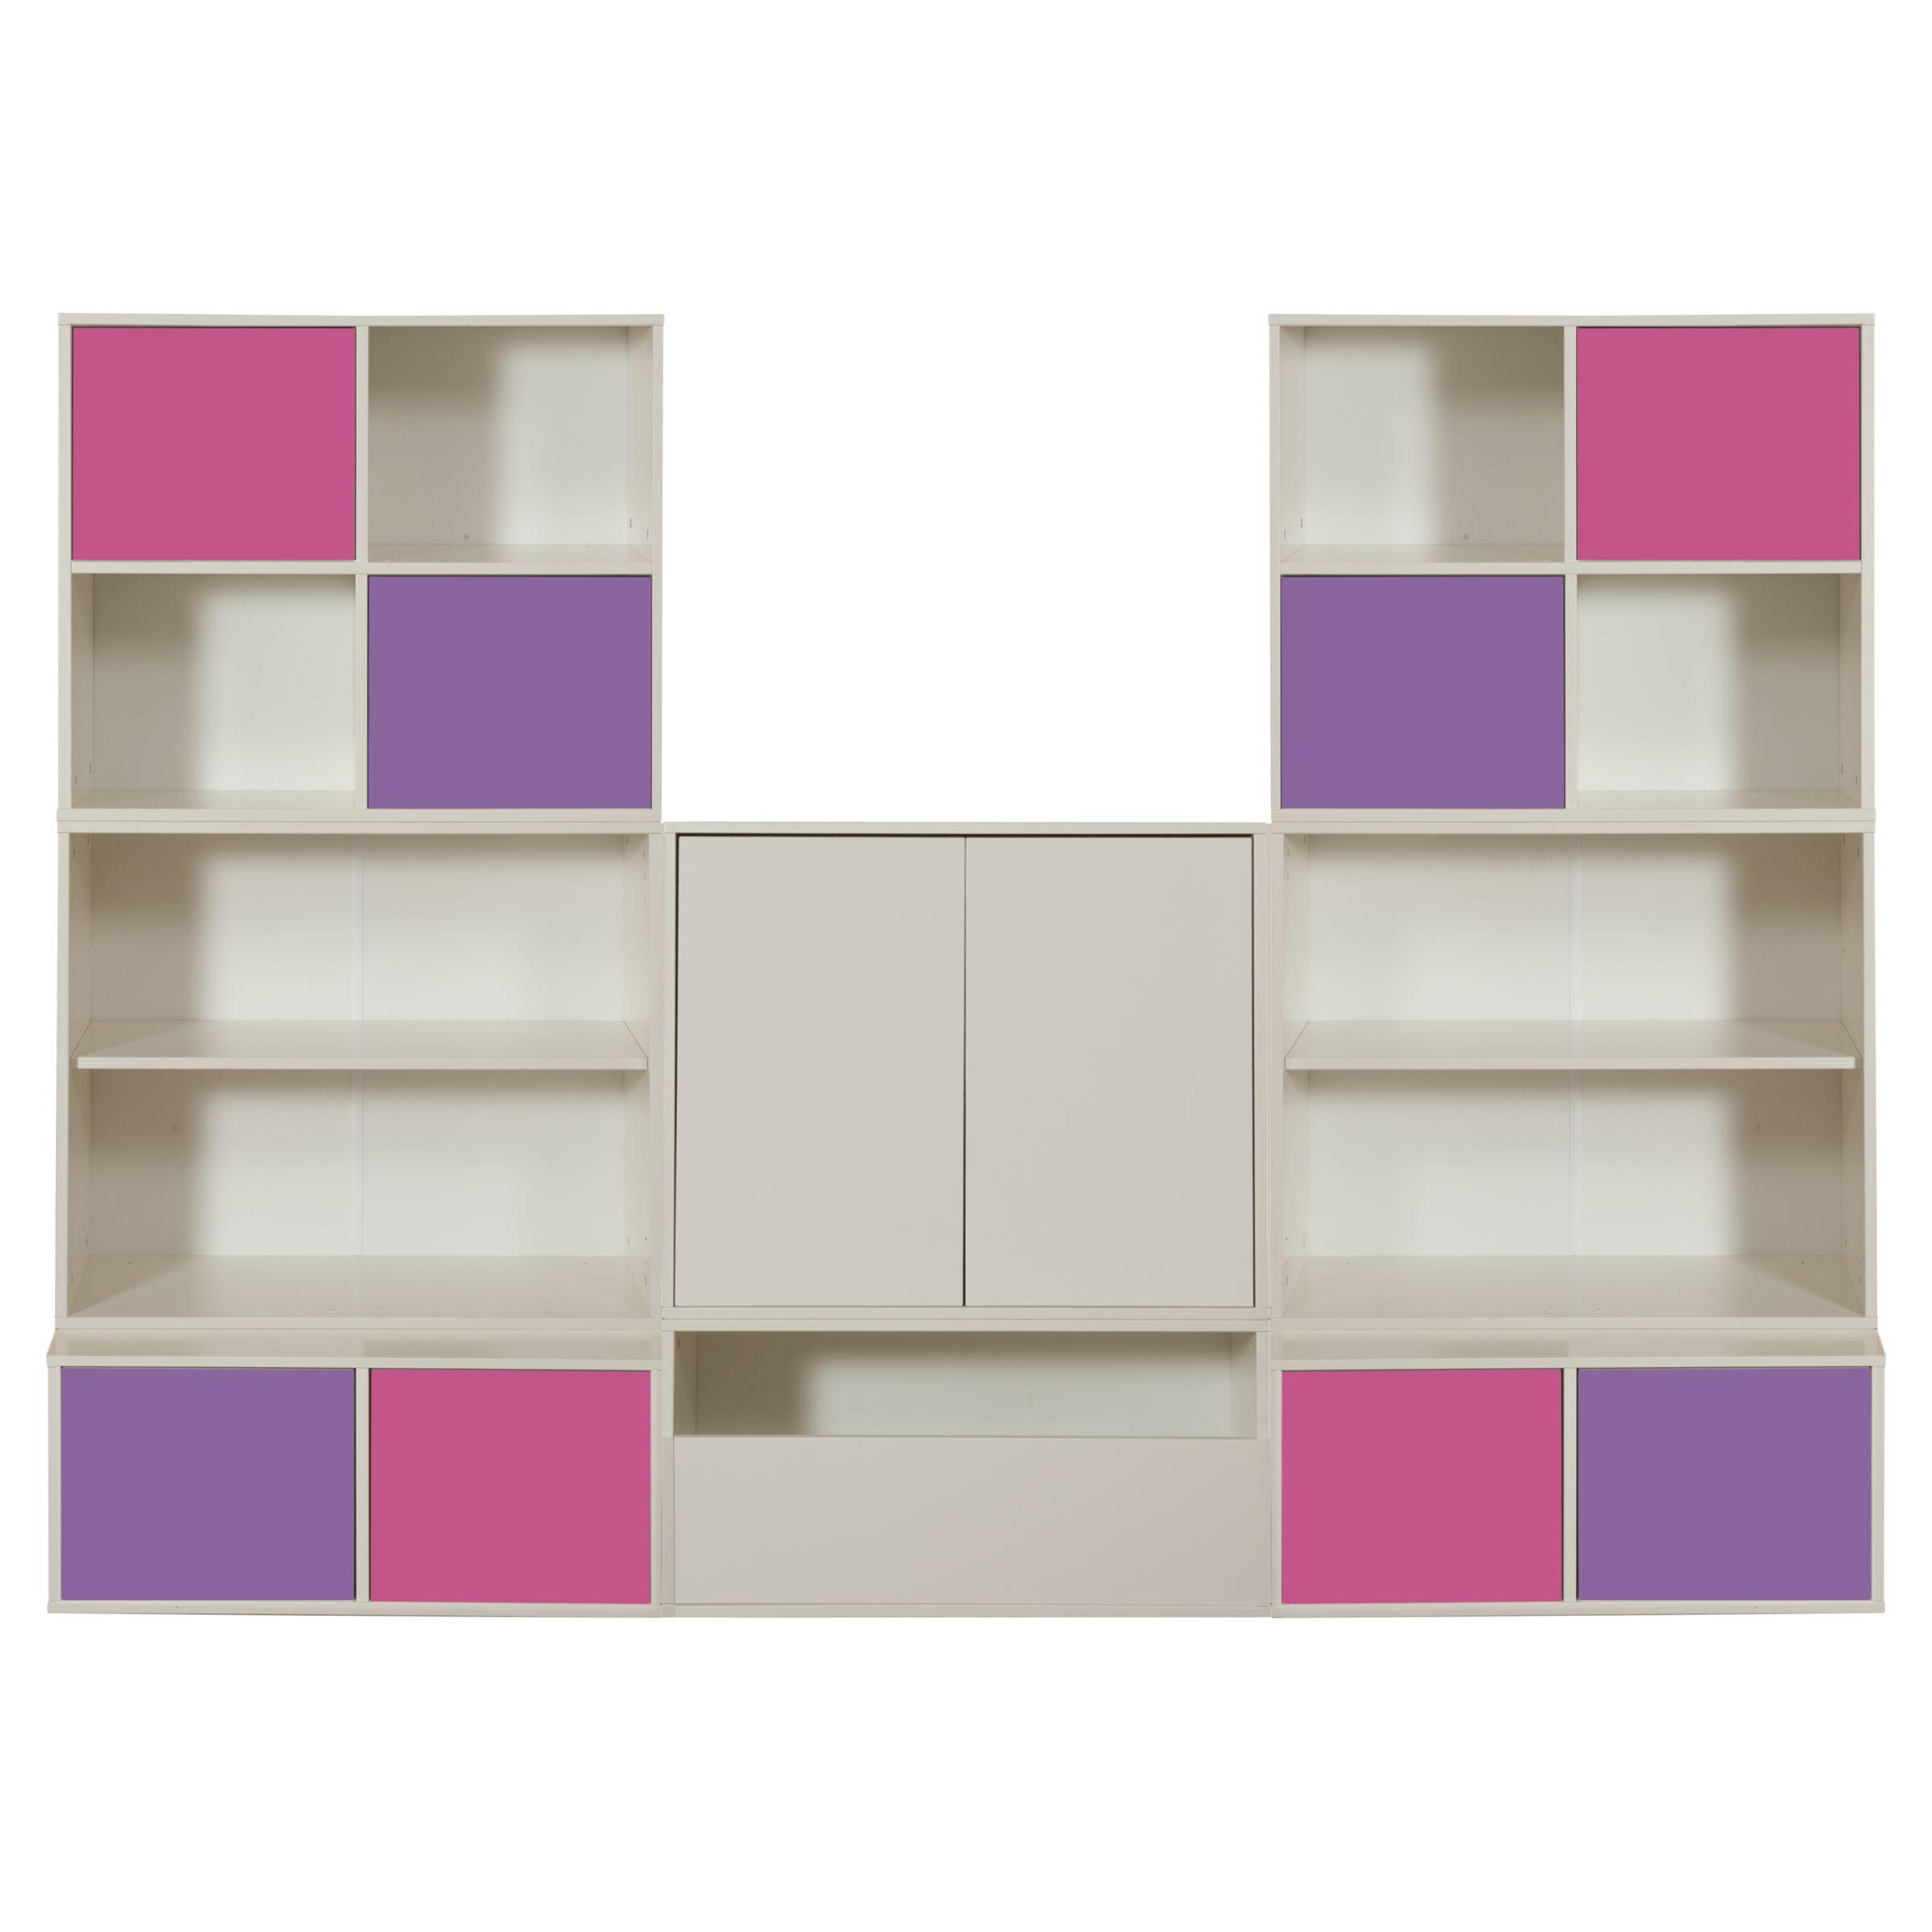 Stompa Stompa Uno S Plus 8 Unit Storage Combination